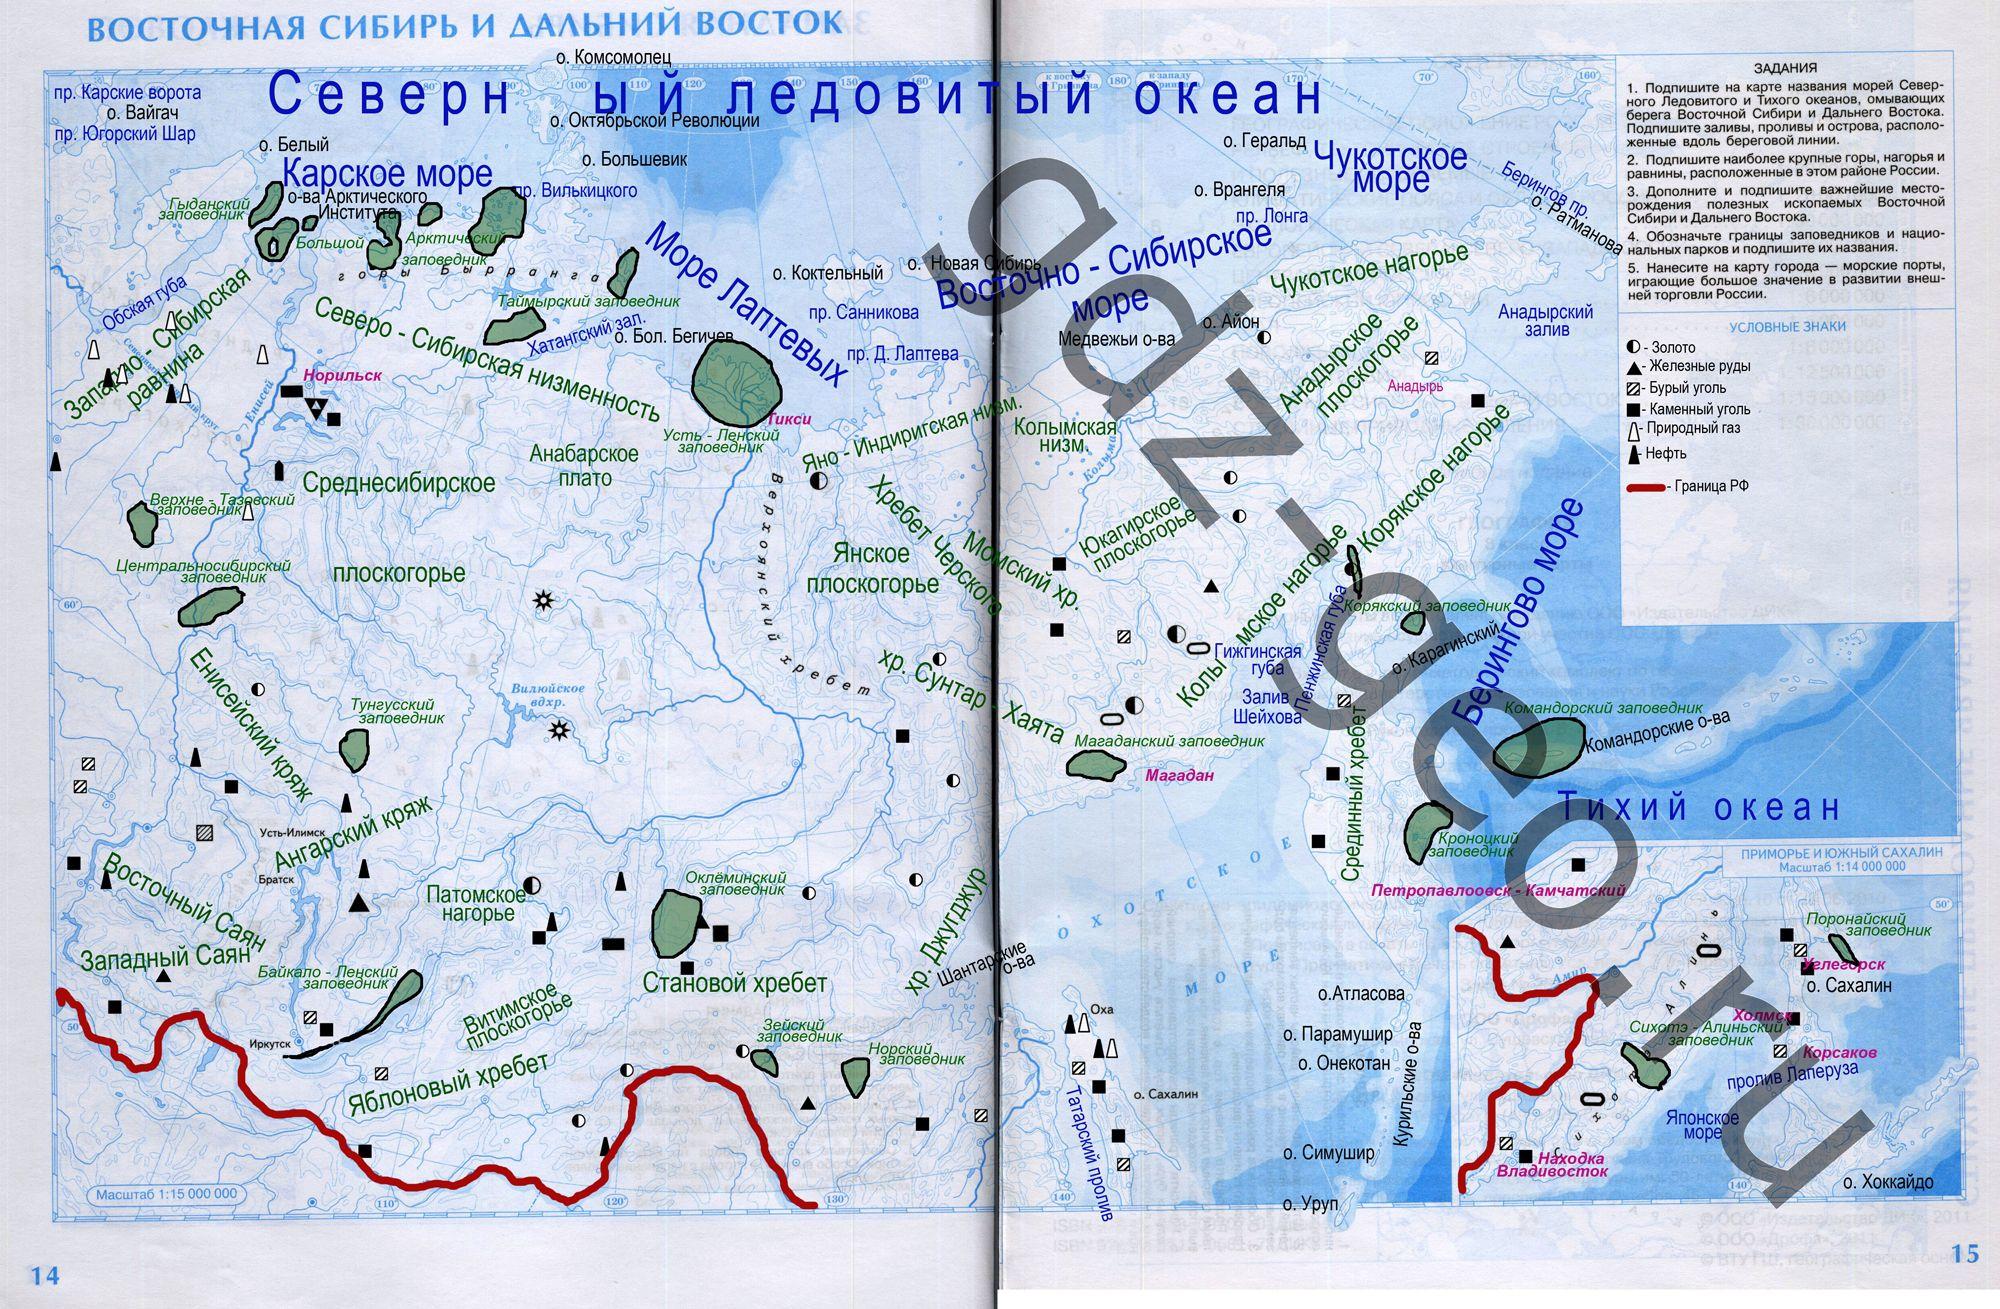 Ответы на практические работы по географии 8 класс физическая география украины